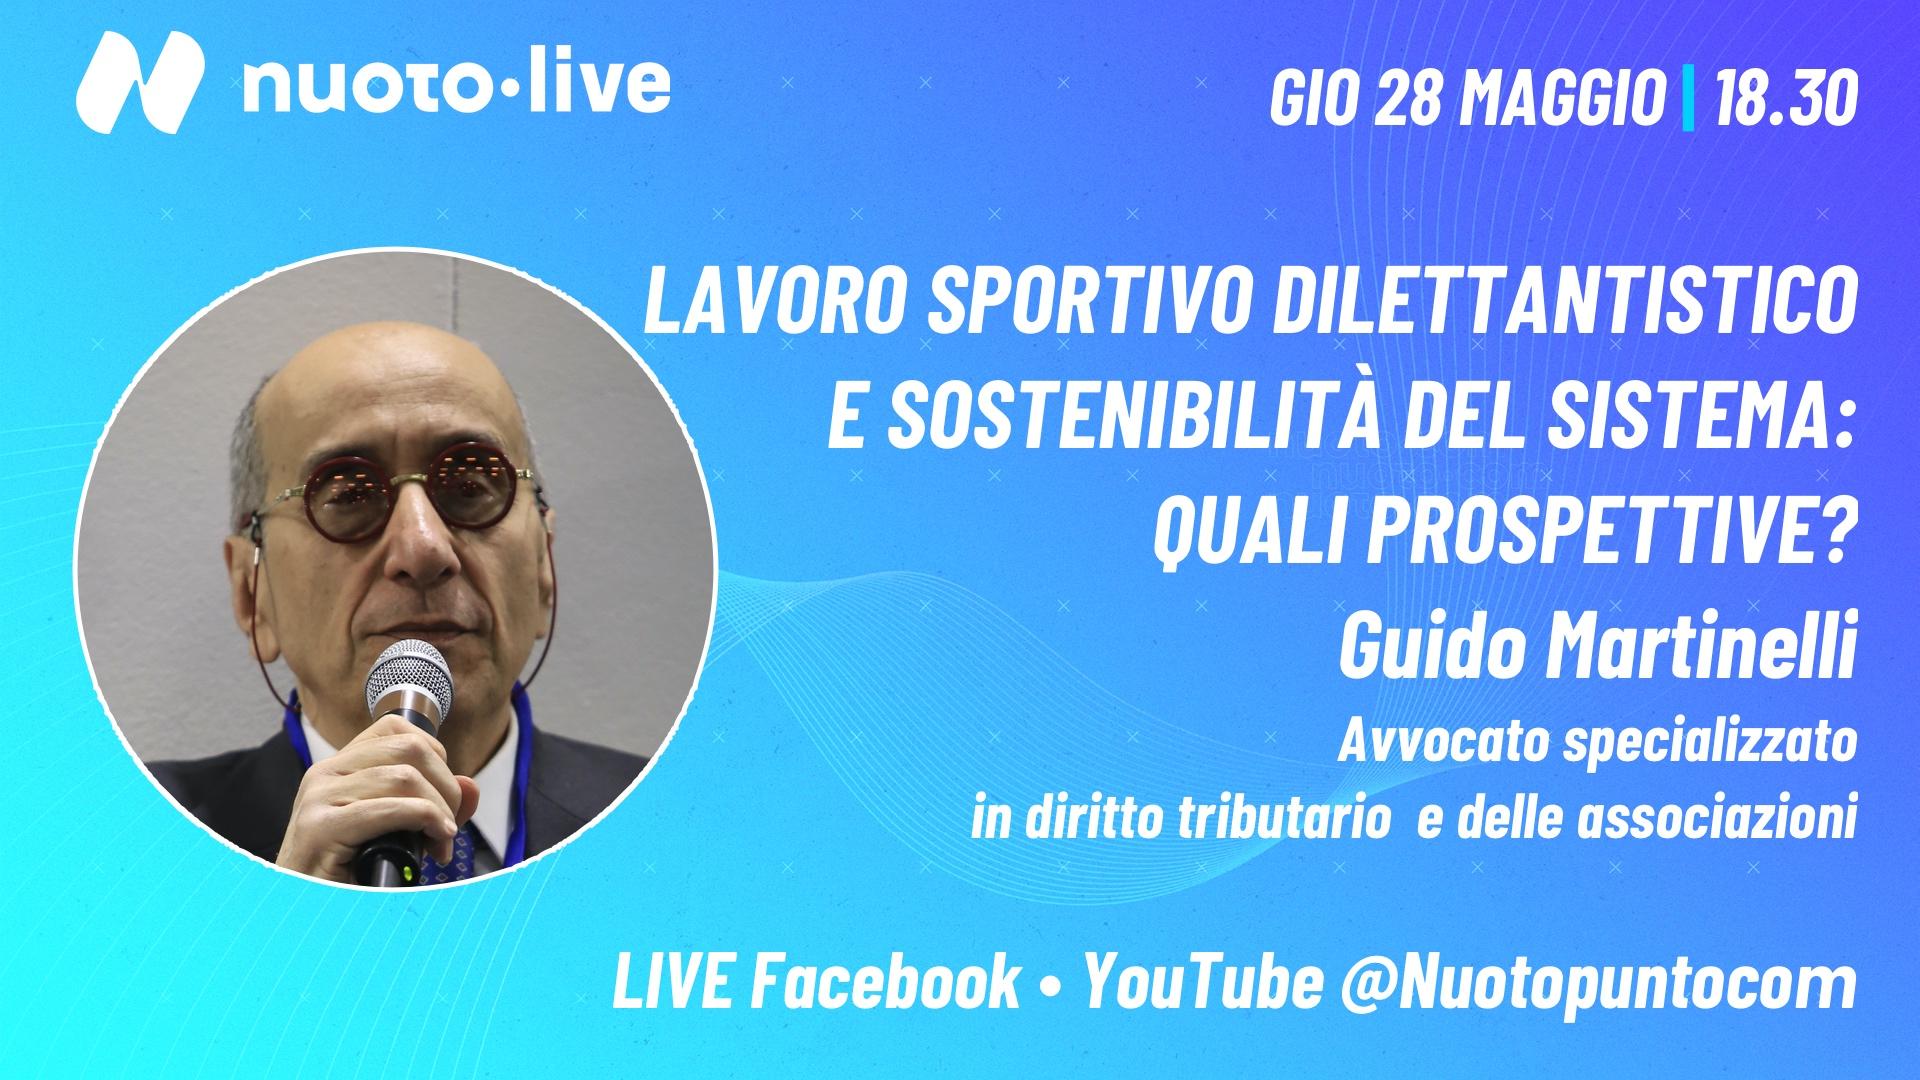 """""""Stabilizzare il sistema responsabilizzando gli enti locali"""": Guido Martinelli a Nuoto•live"""